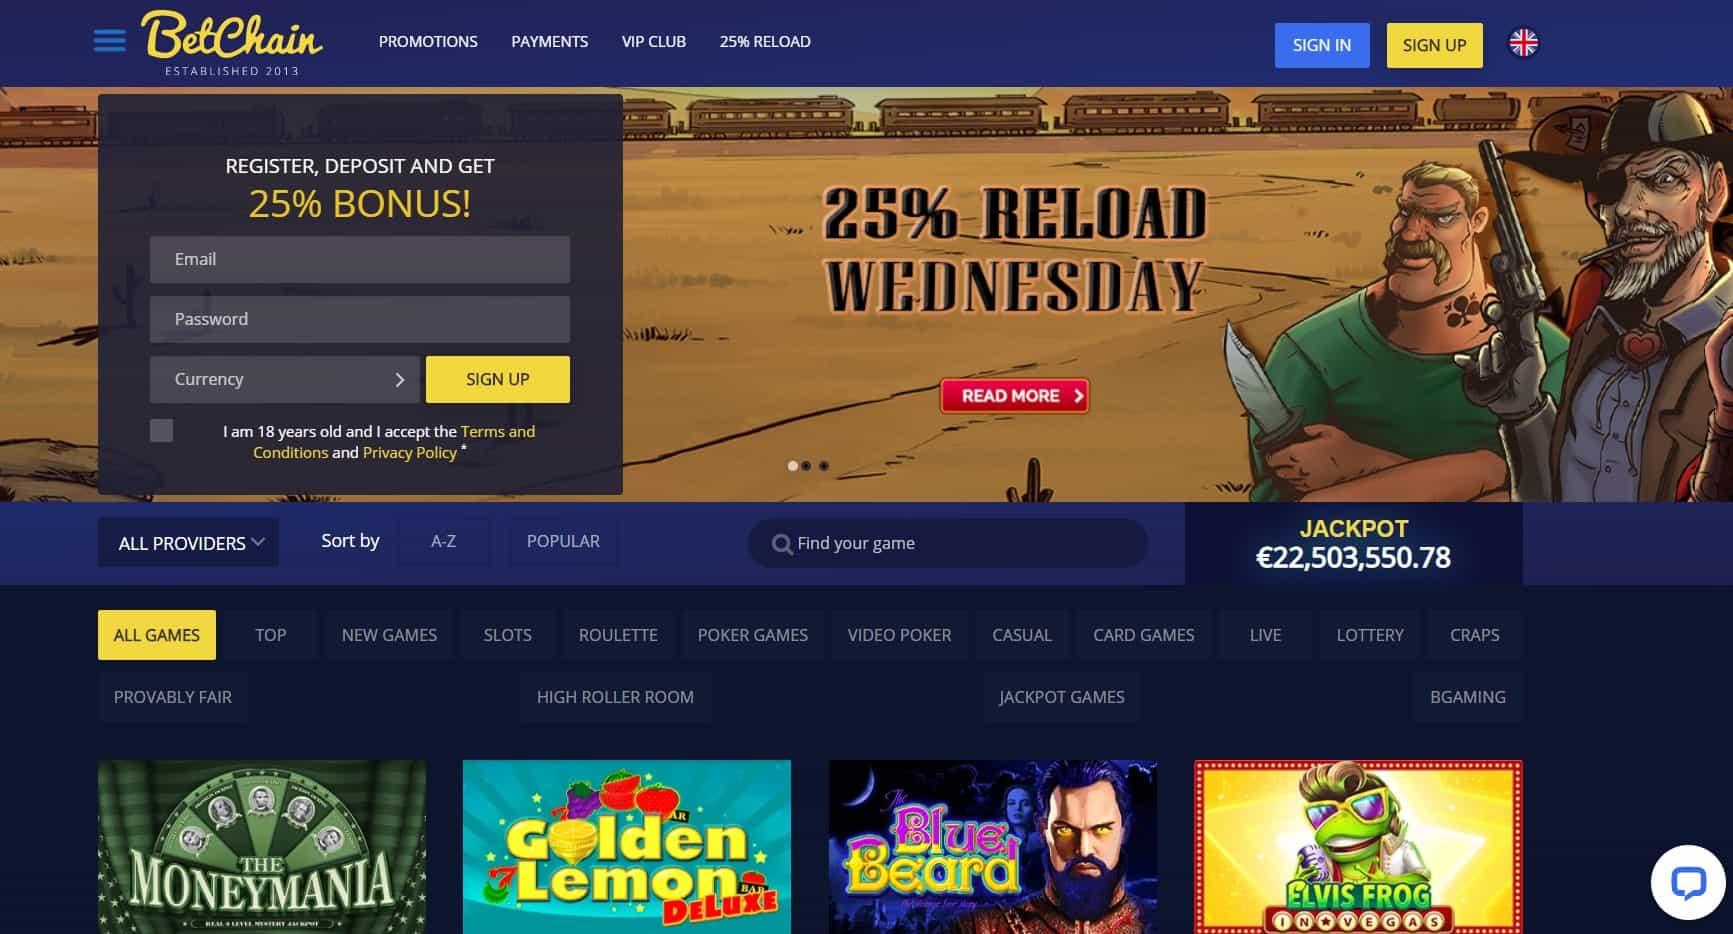 Bet chain casino homepage